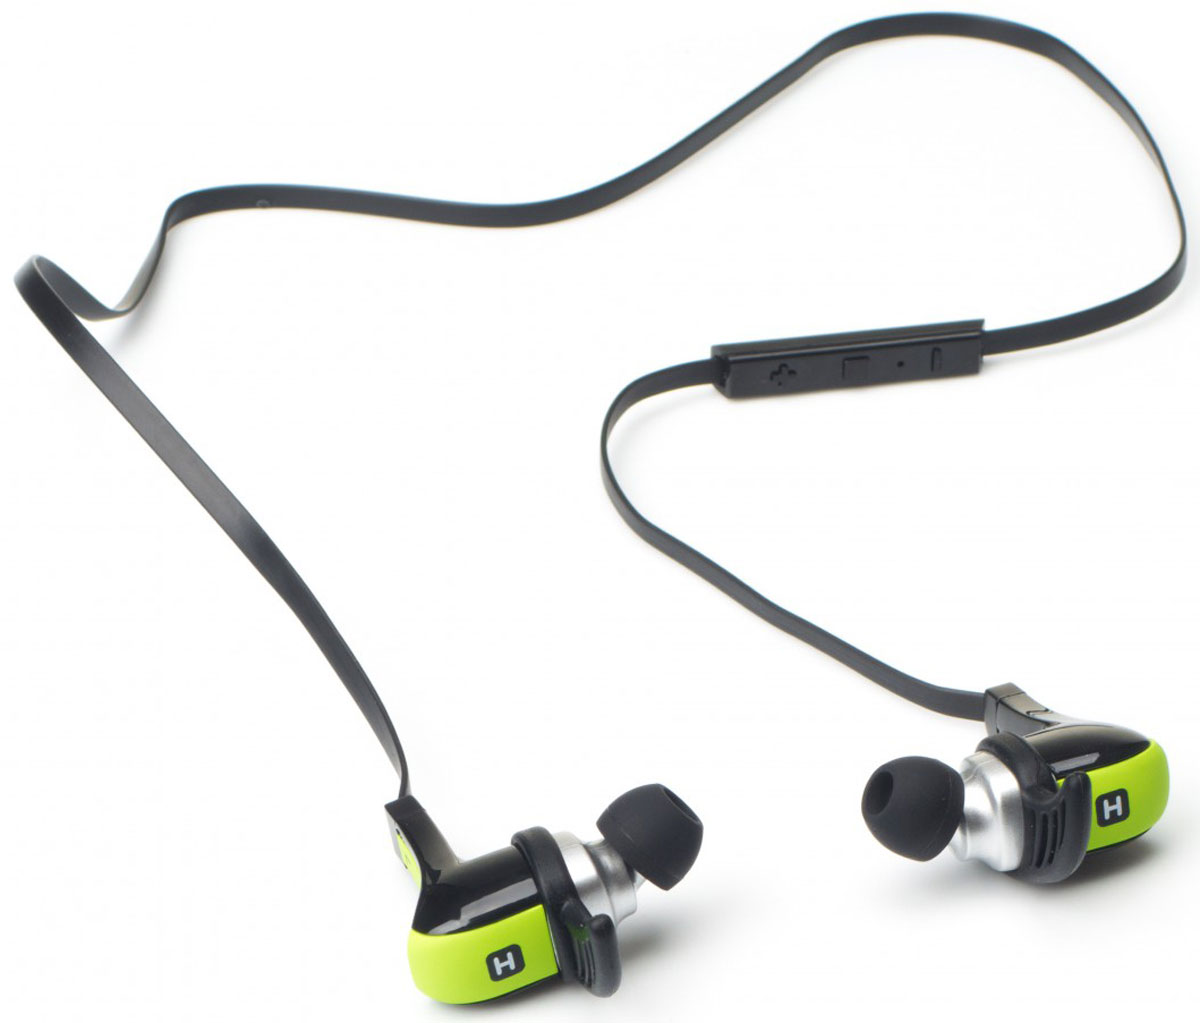 Harper HB-308, Green наушникиH00001068Harper HB-308 - это Bluetooth наушники-вкладыши с поддержкой регулировки громкости и комфортными амбушюрами. Компактный корпус обеспечивает комфортное использование устройства в течение всего дня, а также призанятиях спортом или пробежке. Модель поддерживает Bluetooth 4.1 и подарит вам первоклассное качество звука!